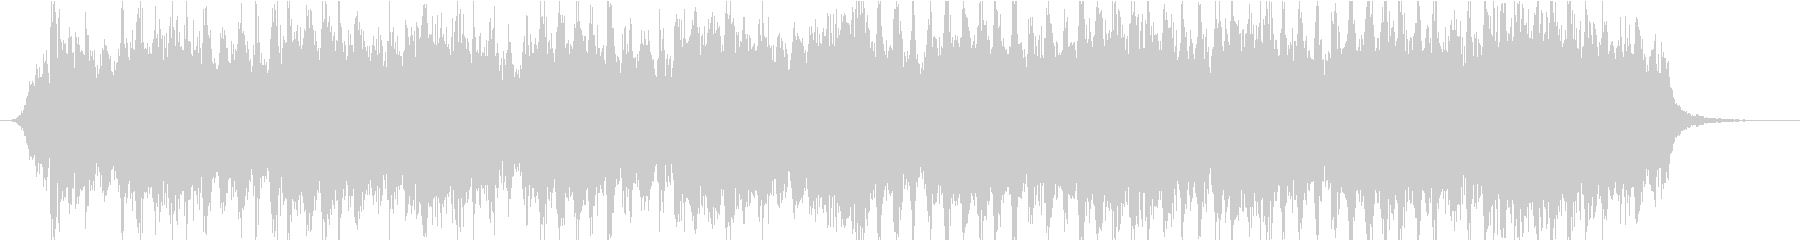 現代の交響曲 厳Sol 素晴らしい...の未再生の波形